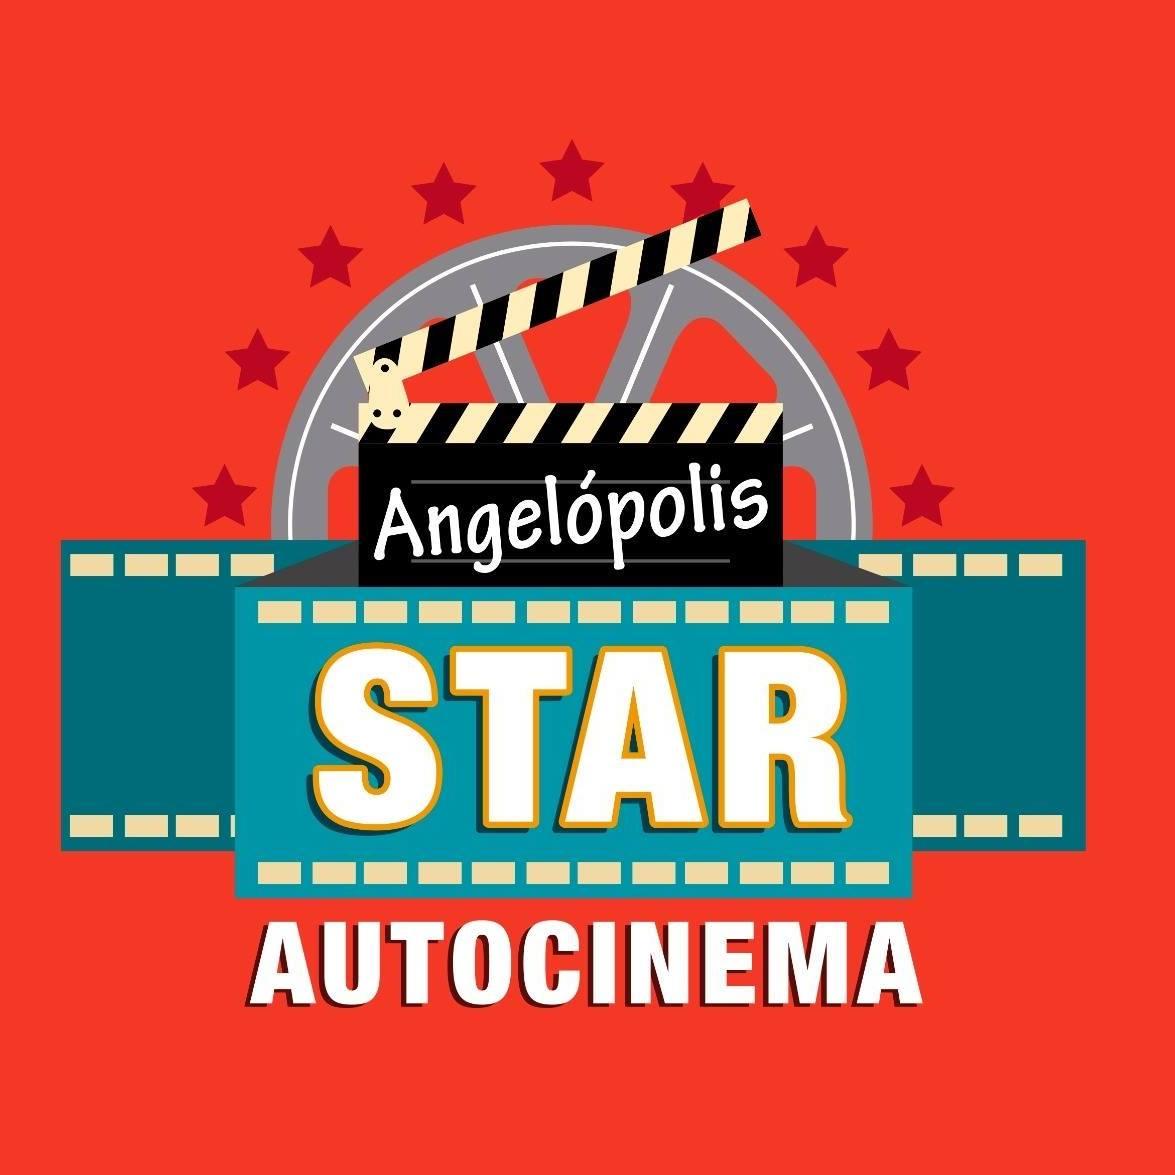 Autocinema STAR: películas y buena comida en Puebla